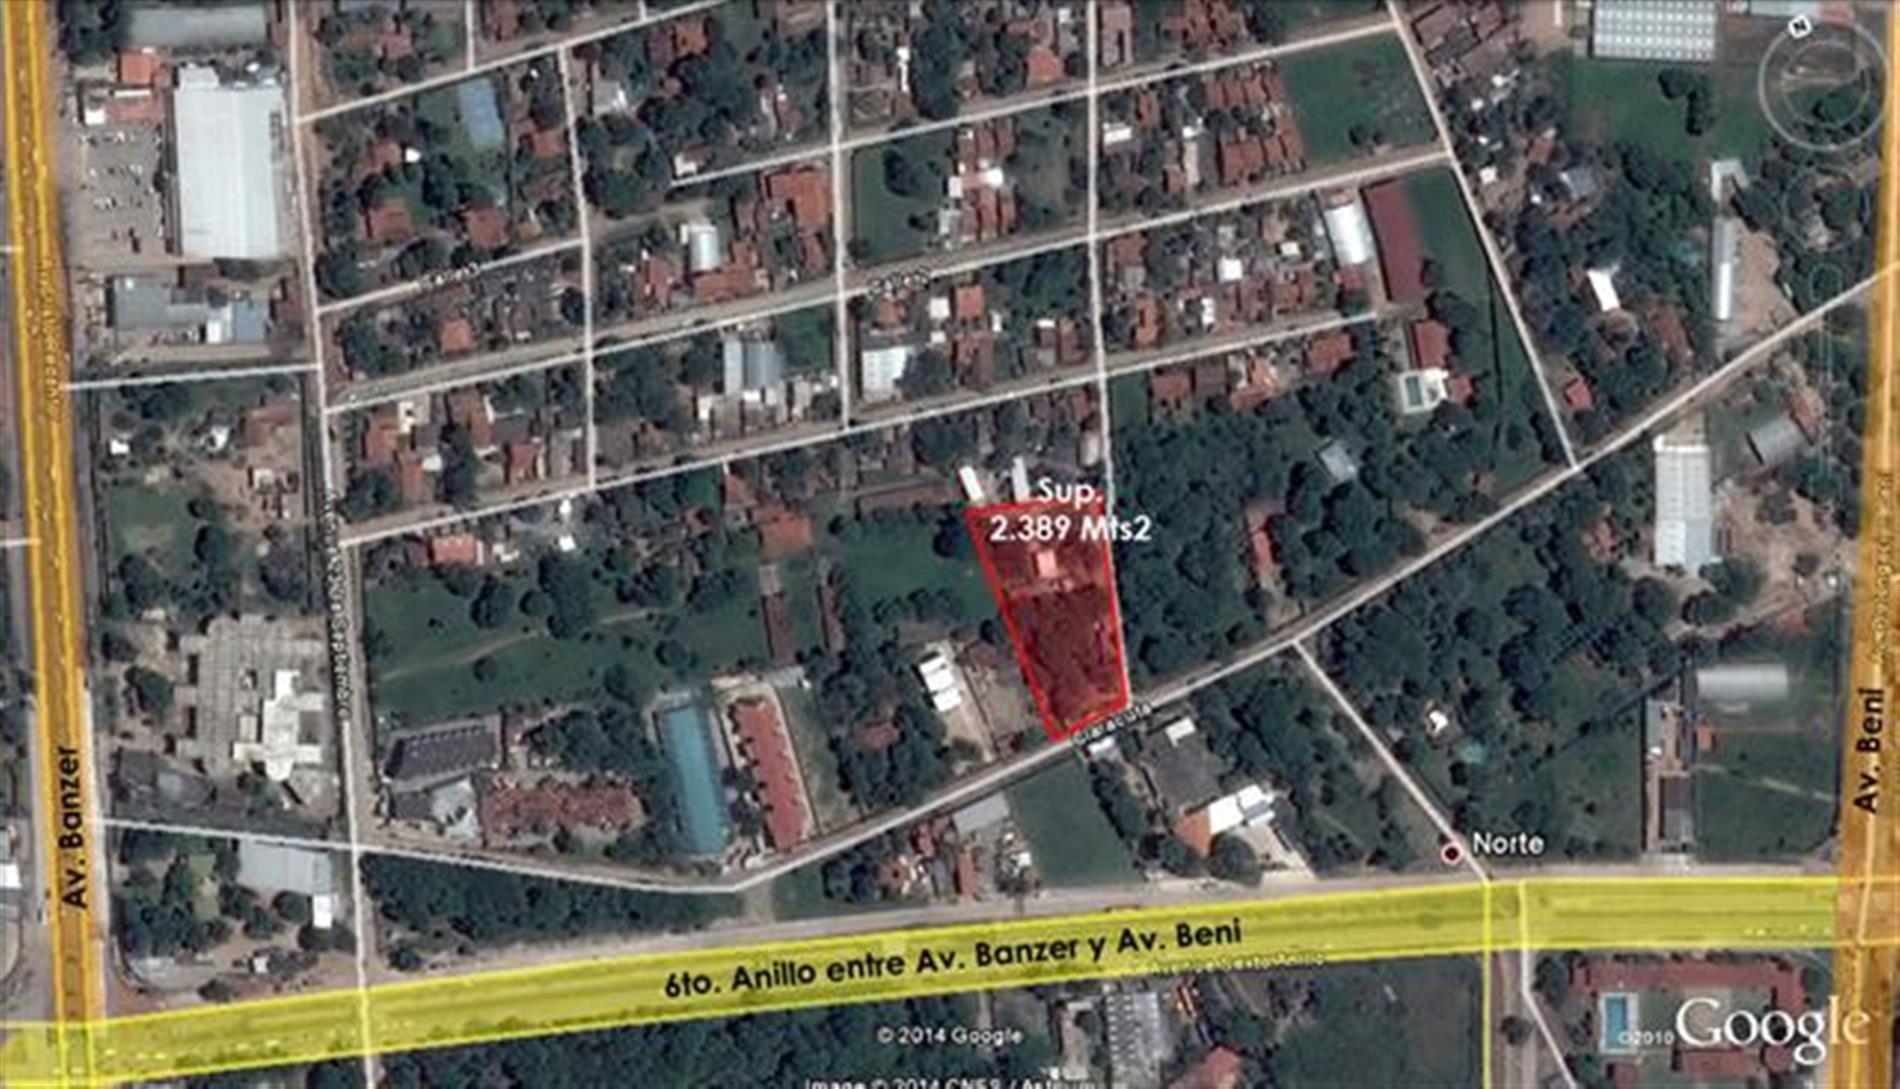 Terreno en Venta Terreno entre Av. Beni  y Banzer 6to Anillo Foto 2